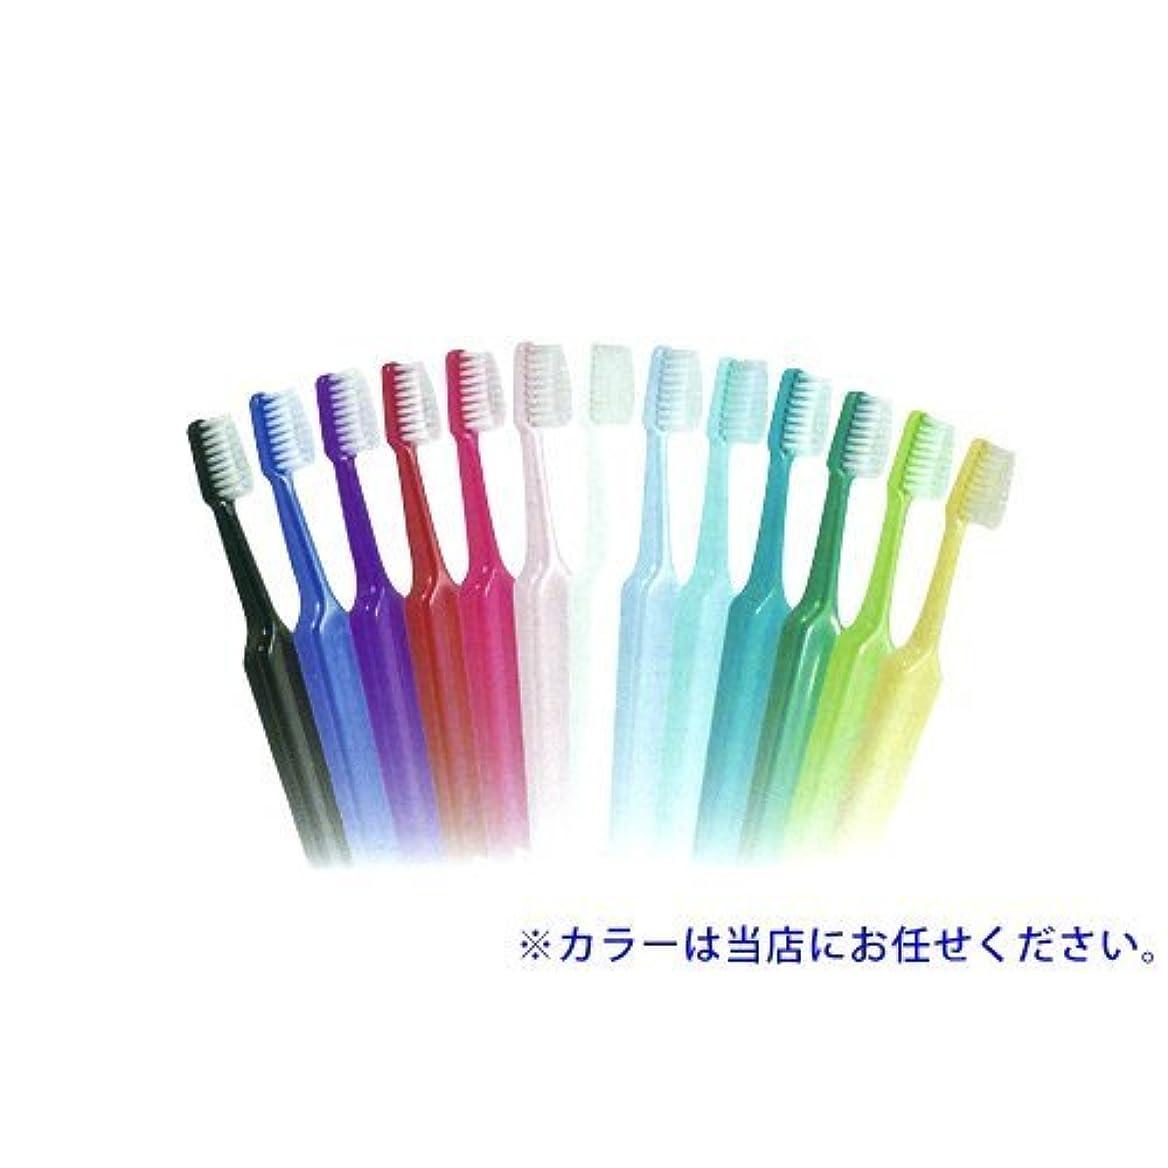 長老カートリッジ一月Tepe歯ブラシ セレクトミニ/ソフト 25本/箱